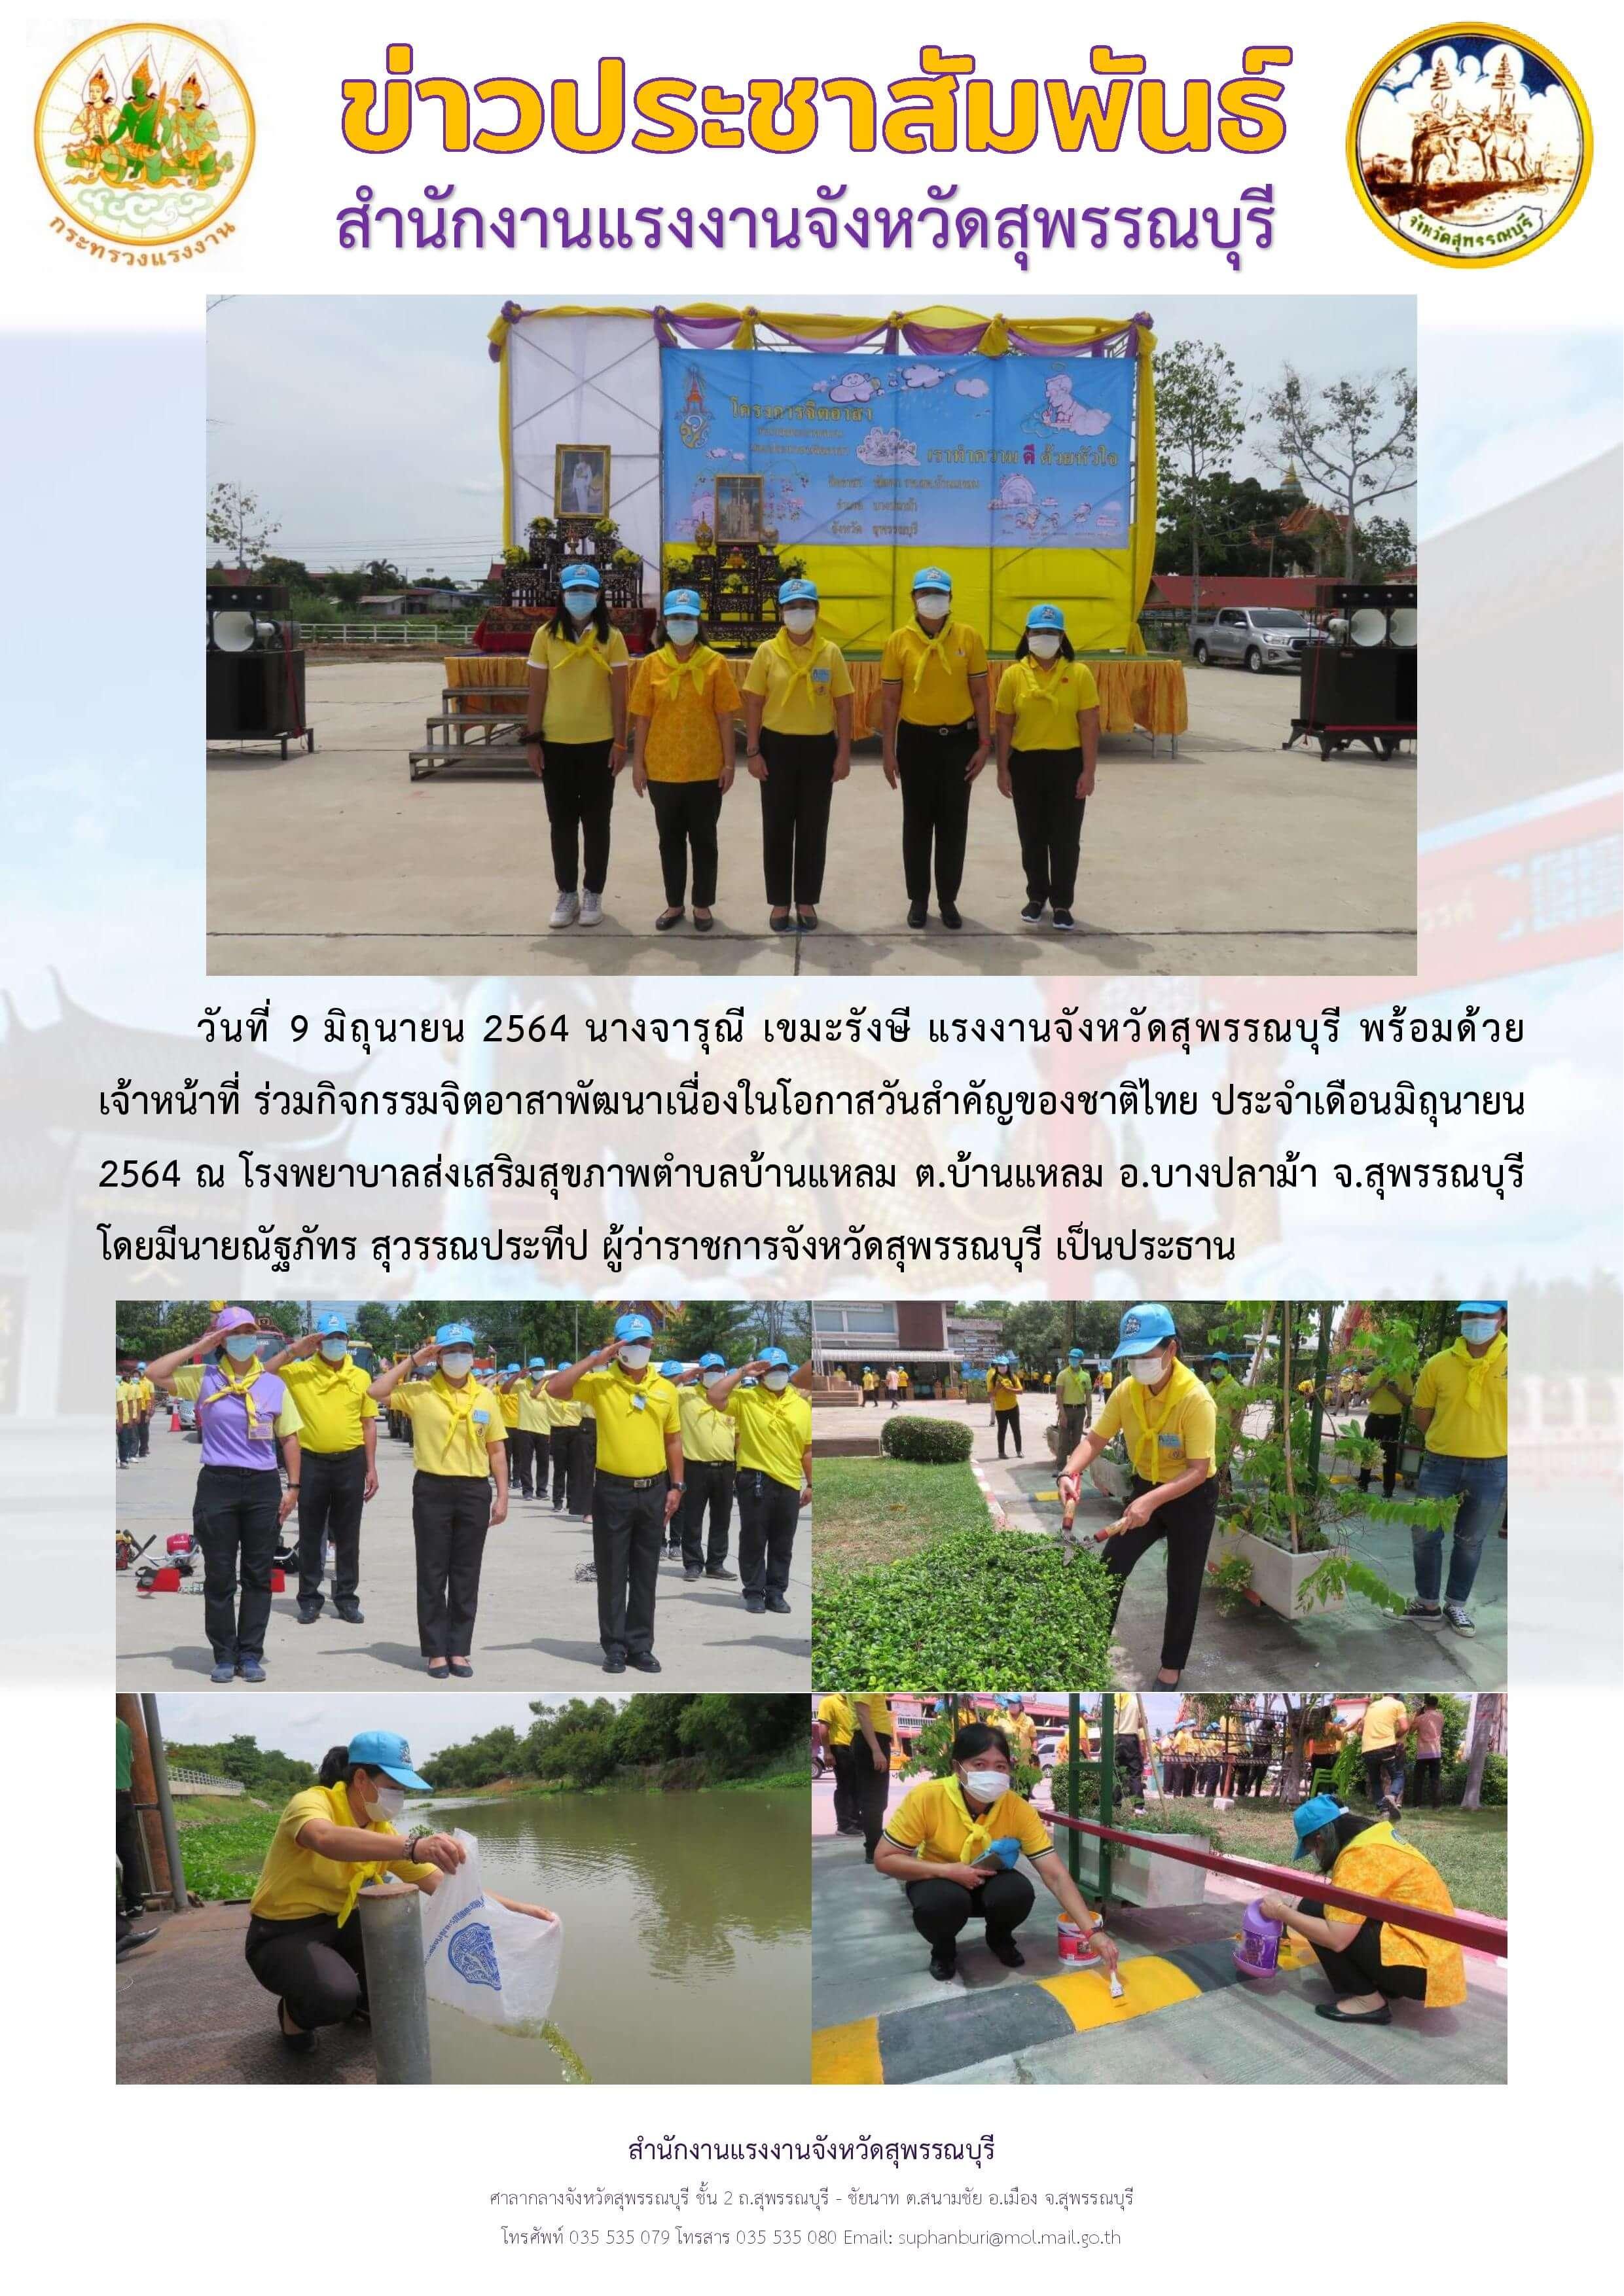 แรงงานจังหวัดสุพรรณบุรี พร้อมด้วยเจ้าหน้าที่ ร่วมกิจกรรมจิตอาสาพัฒนาเนื่องในโอกาสวันสำคัญของชาติไทย